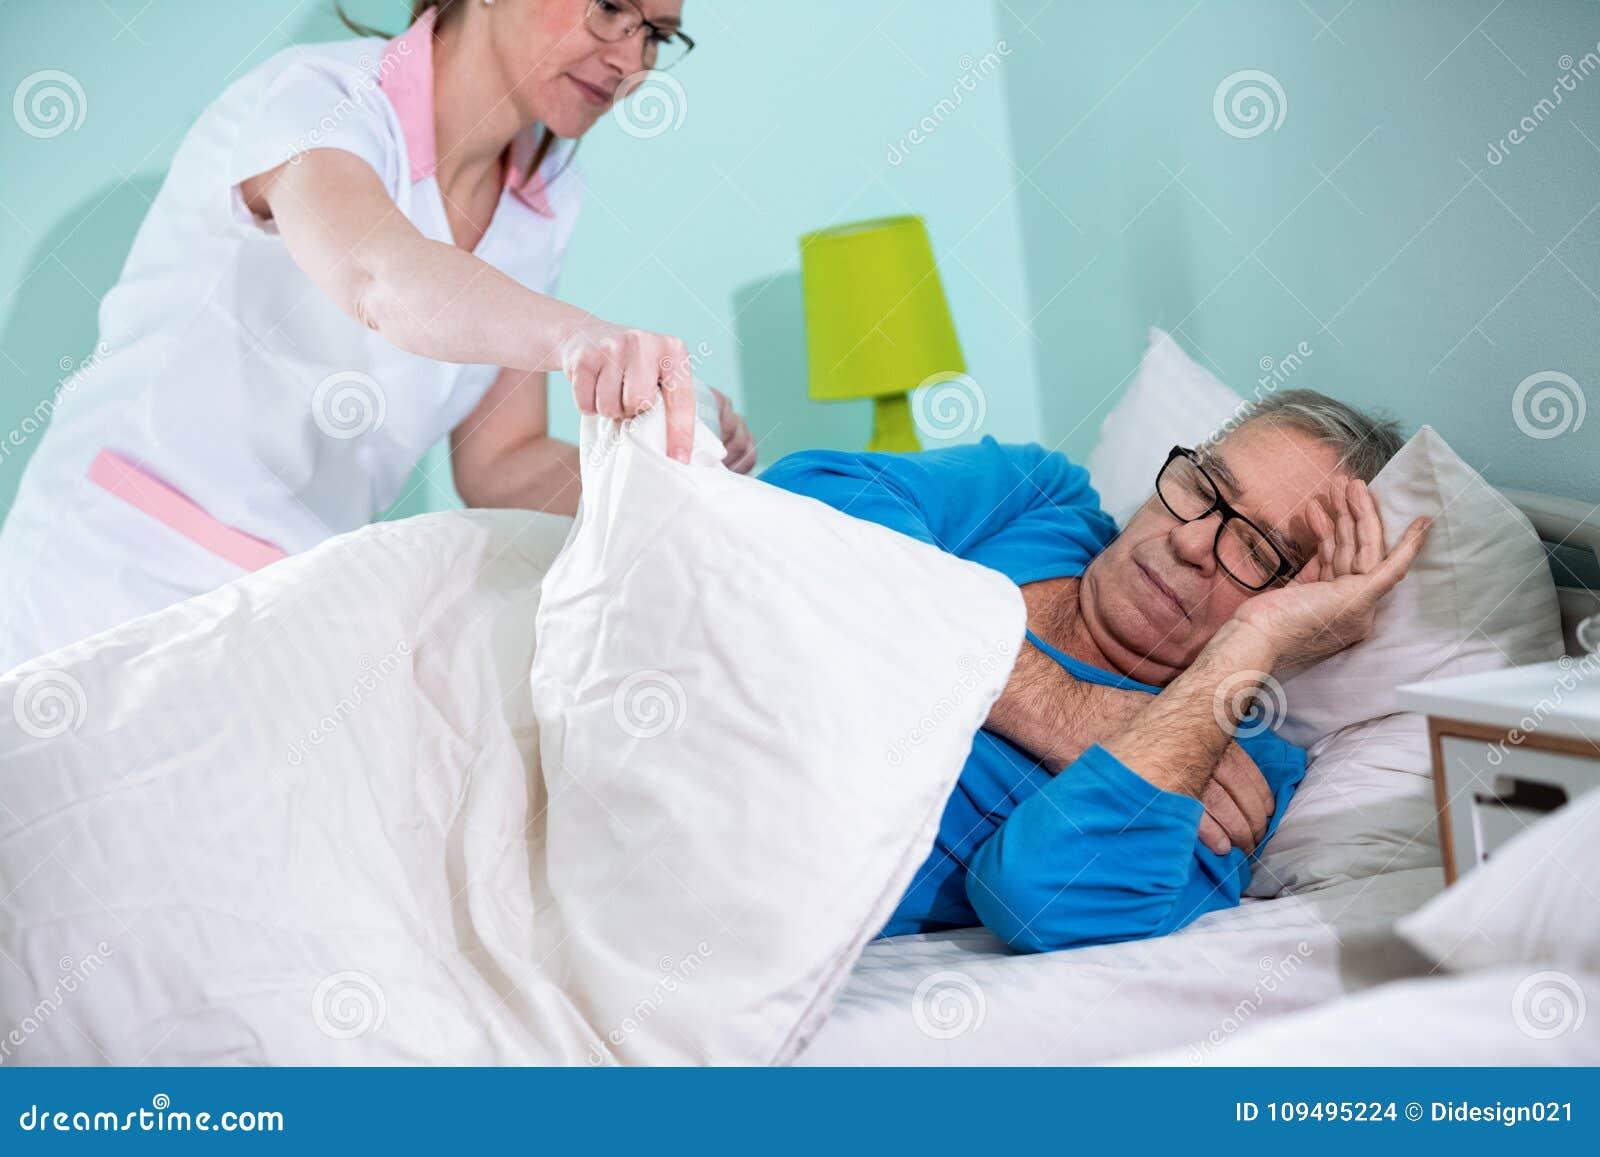 Медсестры в доме престарелых дом престарелых в г обь